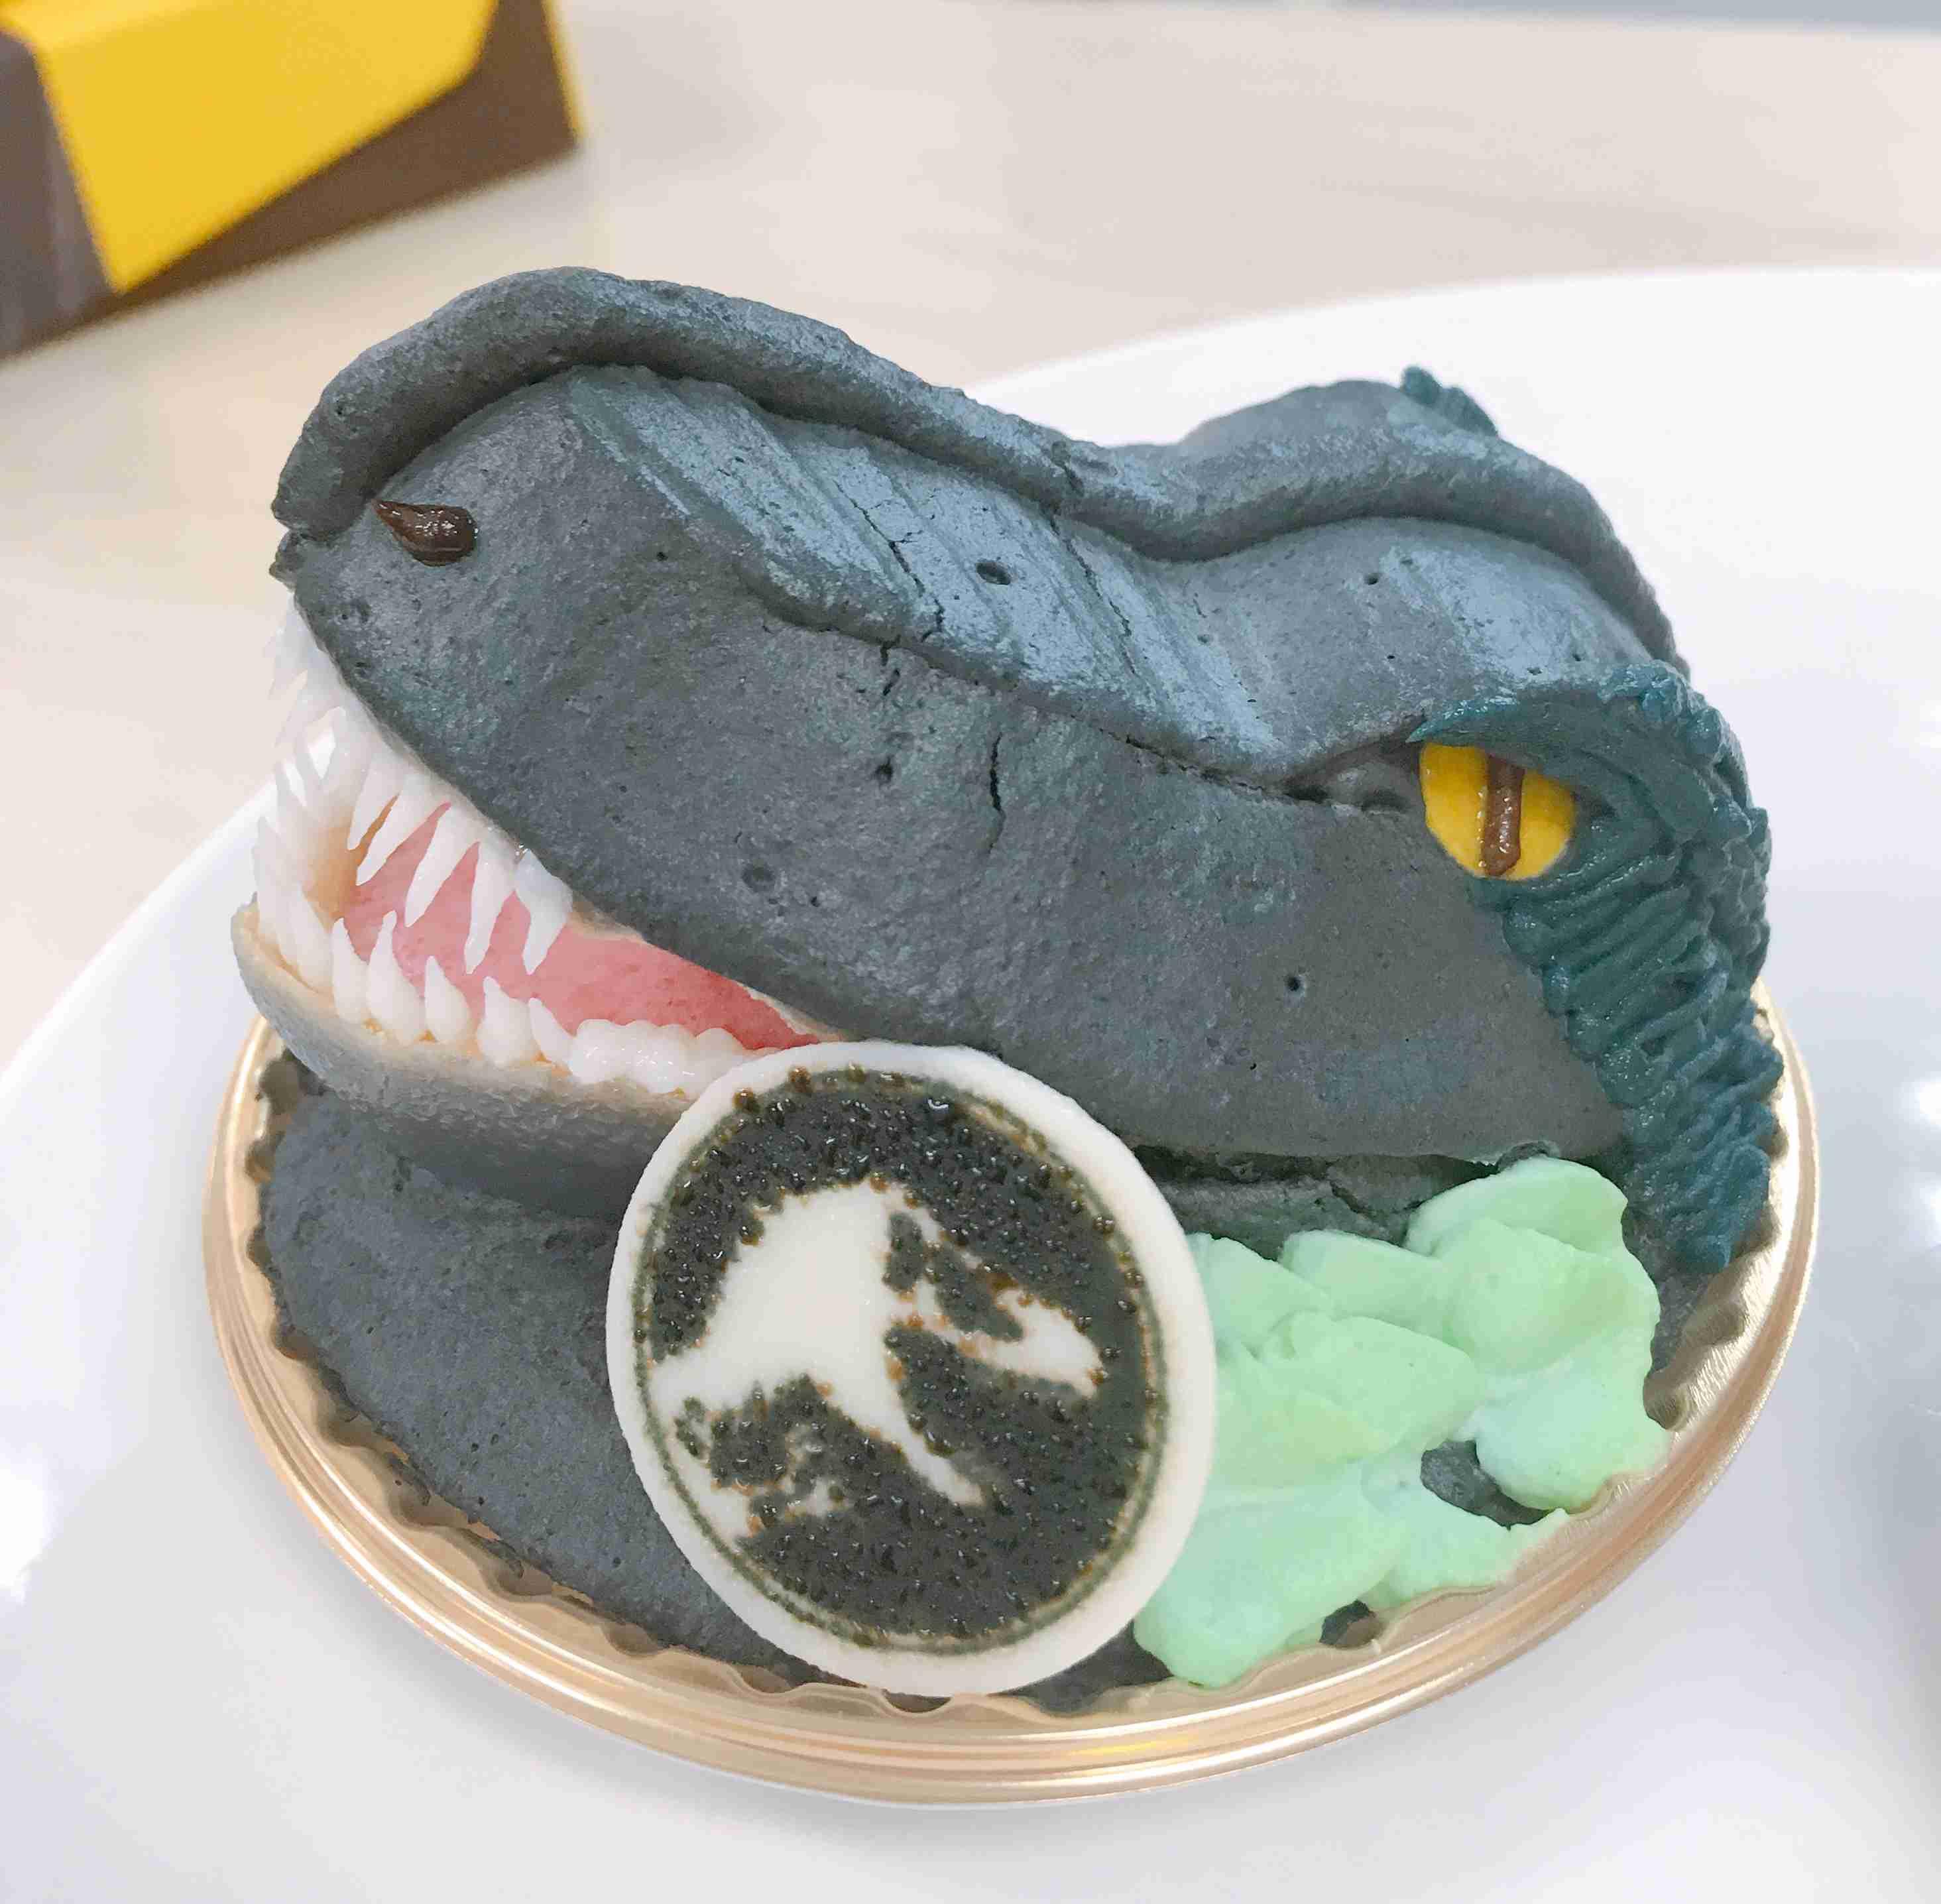 映画『ジュラシック・ワールド』のコラボカフェで売っている「恐竜ケーキ」が想像以上に恐竜だった!